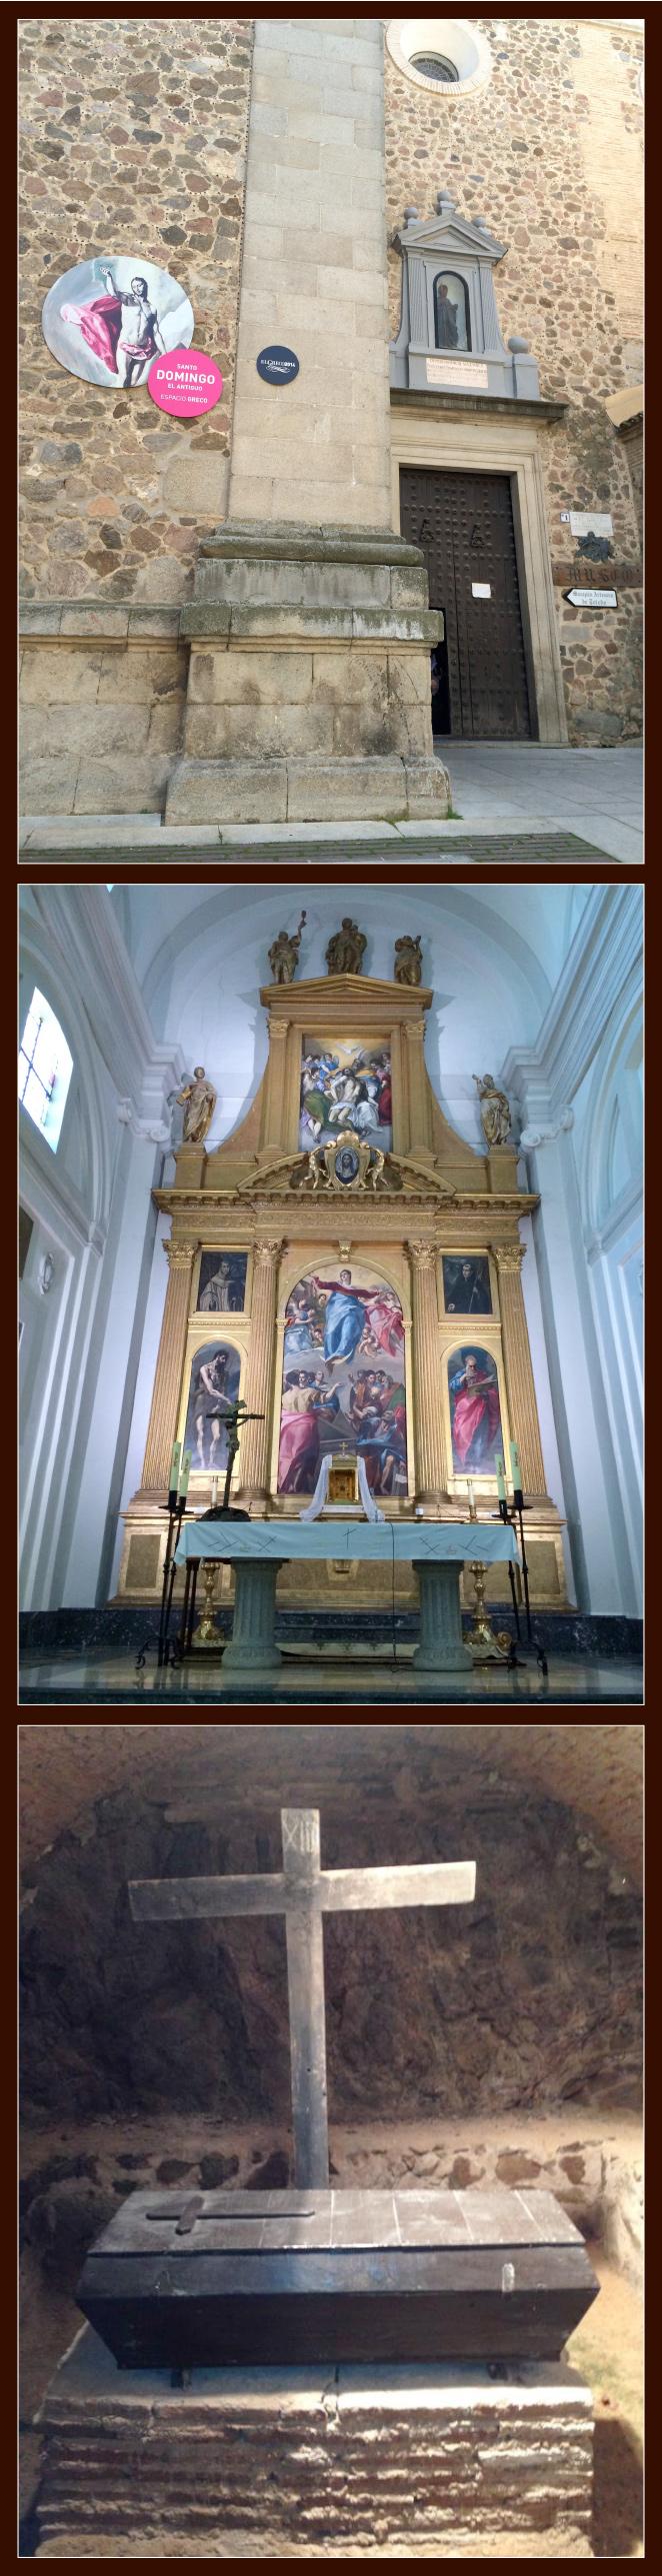 Espacio Greco 03: Convento Santo Domingo el Antiguo